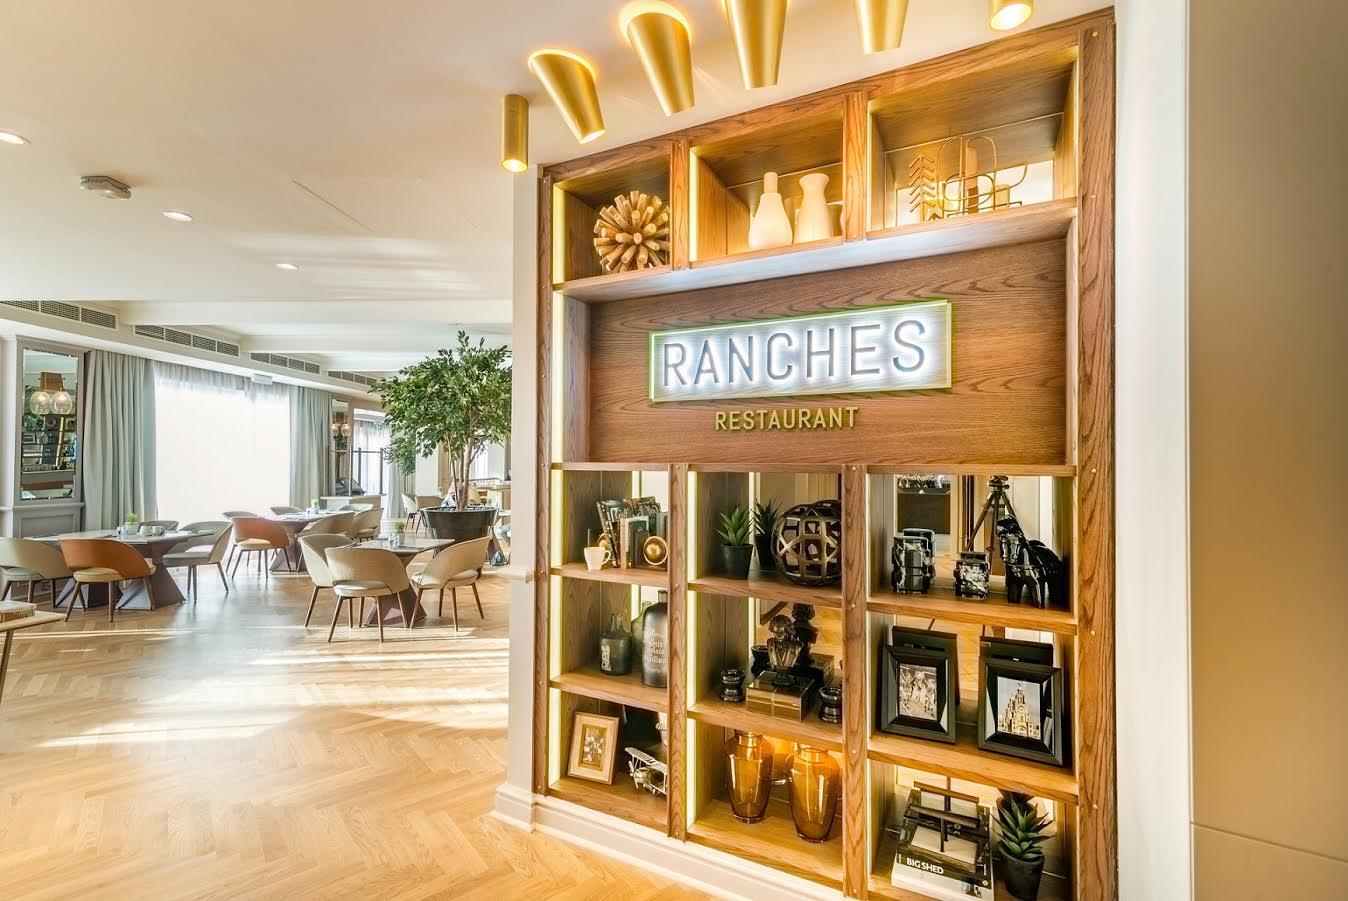 صورة عروض المطاعم في نادي المرابع العربية للجولف خلال أغسطس وسبتمبر 2017